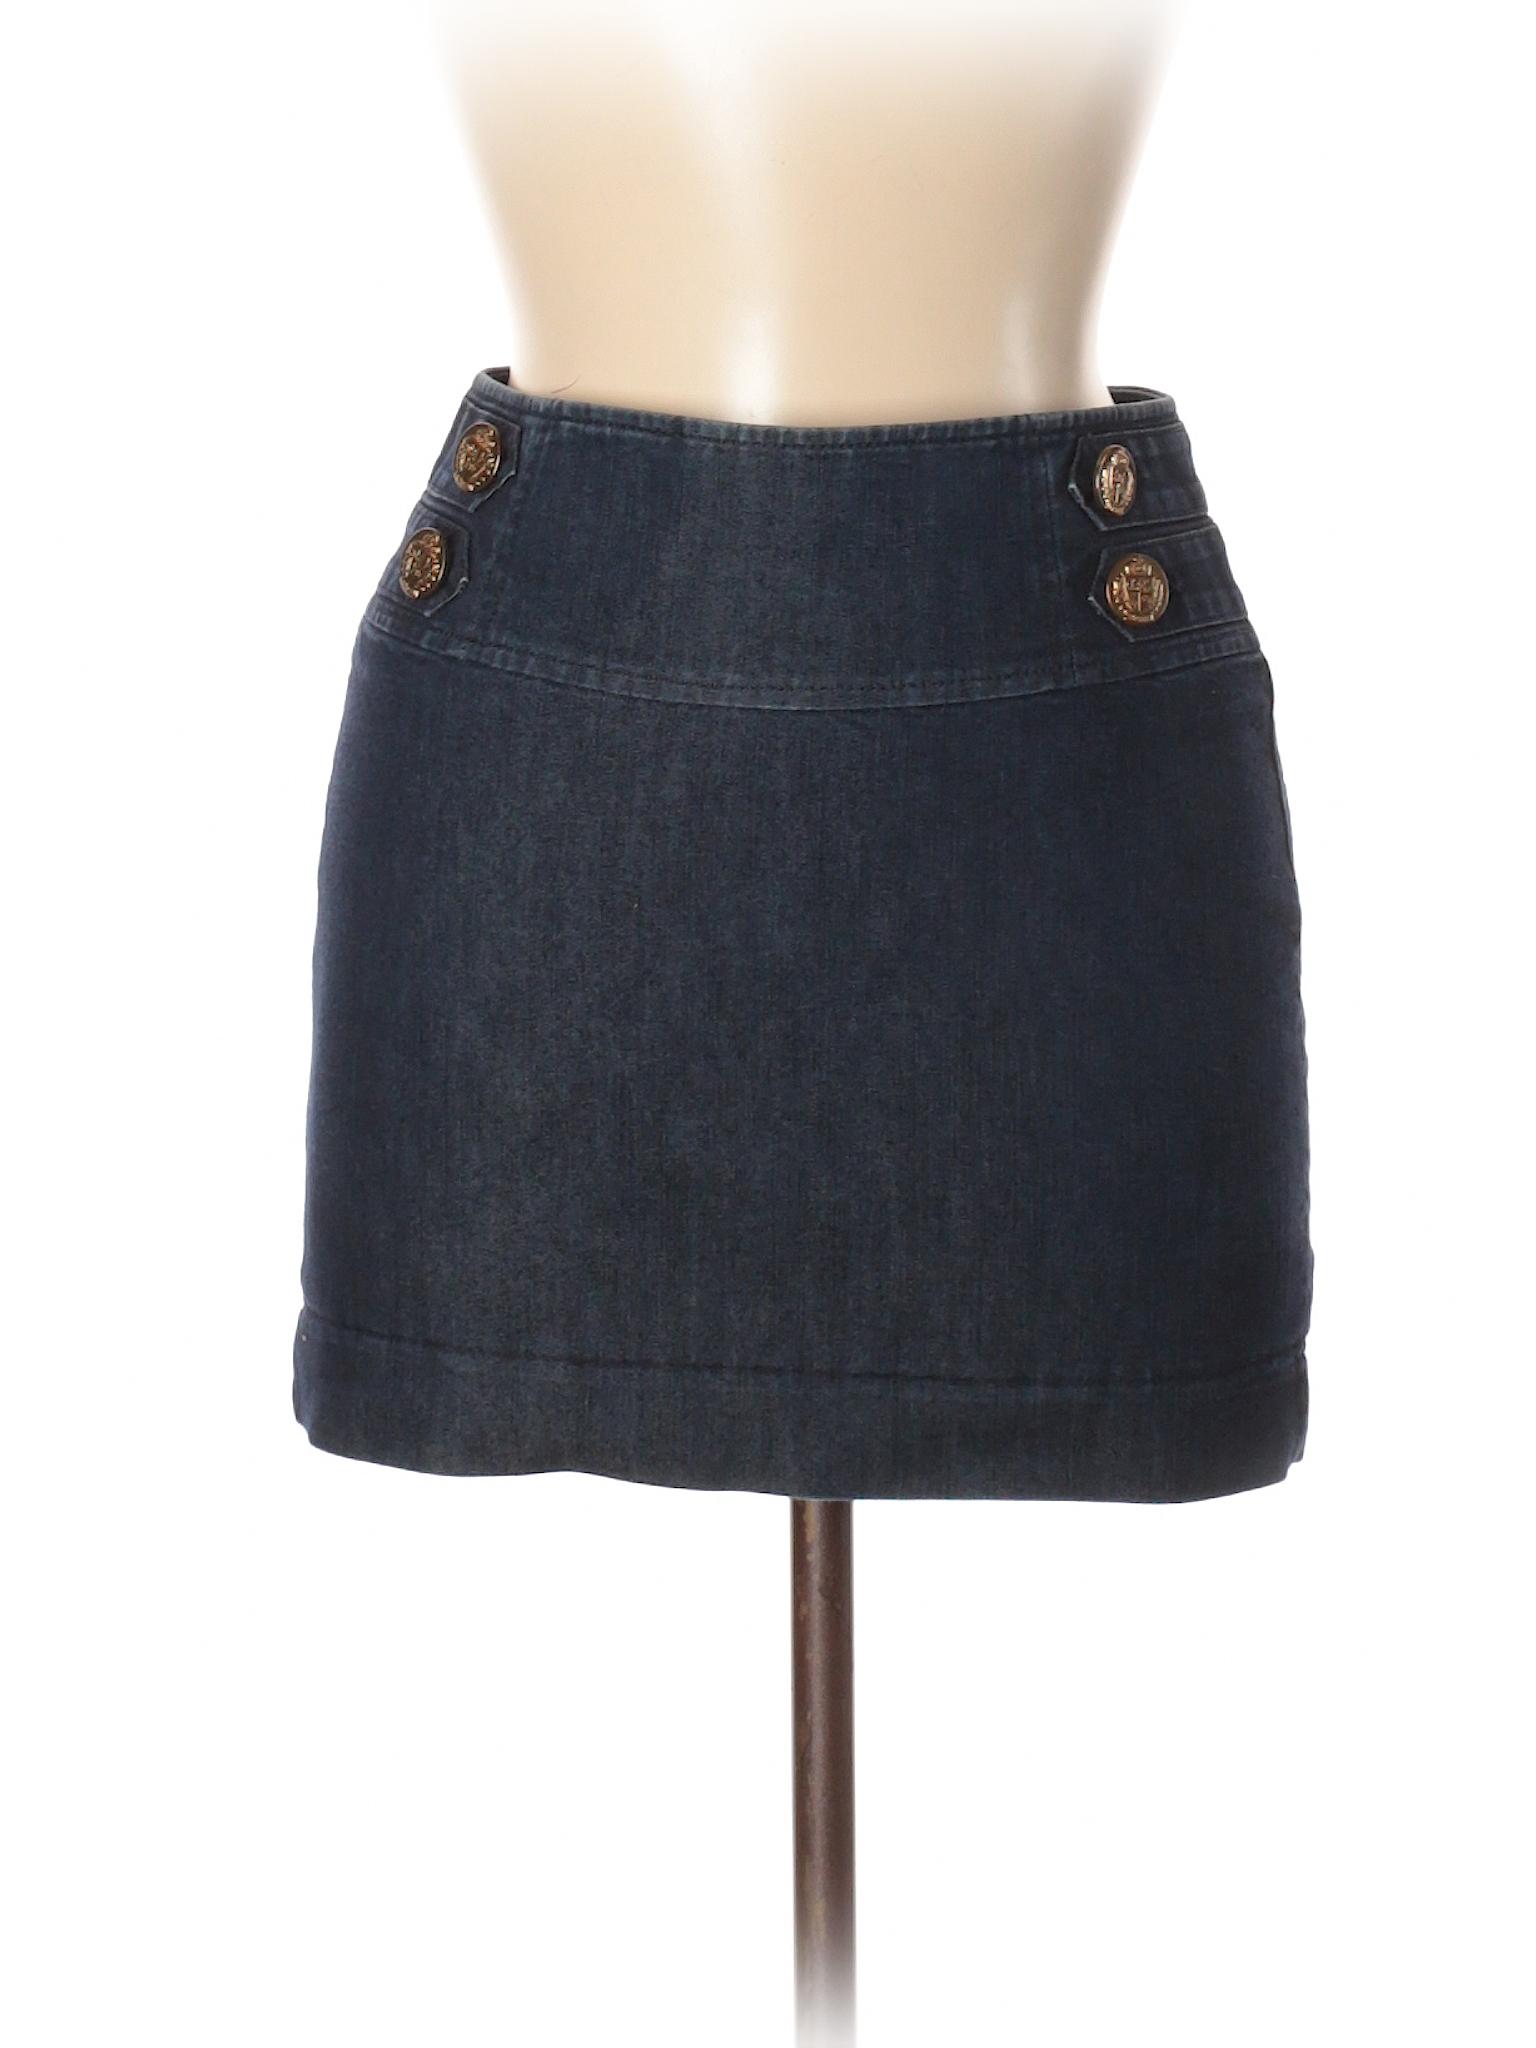 Boutique Denim leisure Skirt Express Denim Express Skirt Boutique Boutique leisure wB7xA6Xw